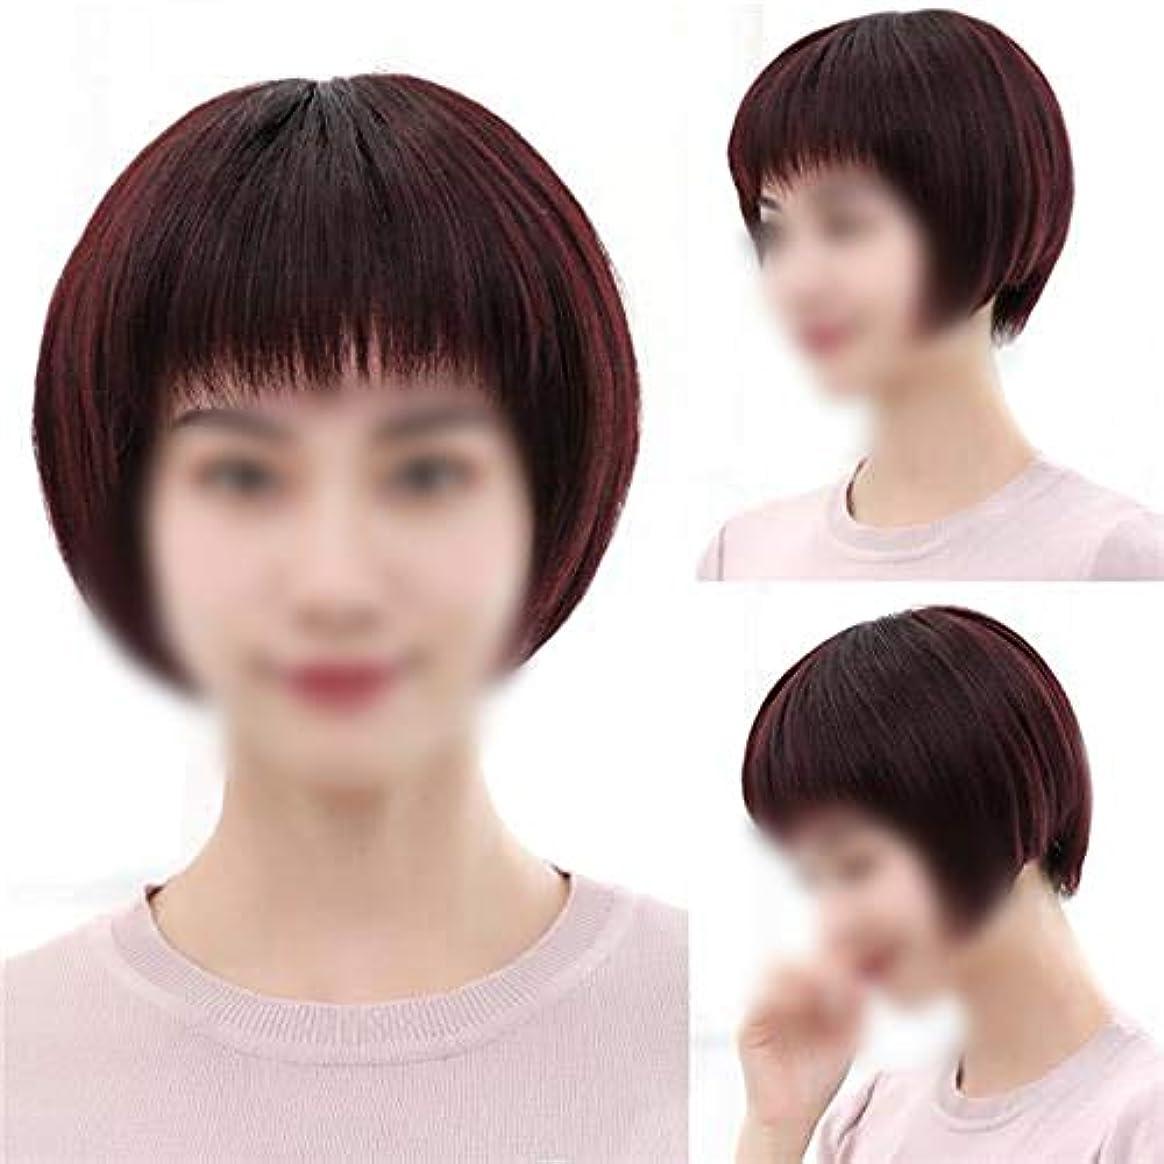 法令ブラウス米ドルYOUQIU 女性の中年ウィッグウィッグボブショートストレート髪のフルハンド織実ヘアウィッグ (色 : Dark brown)